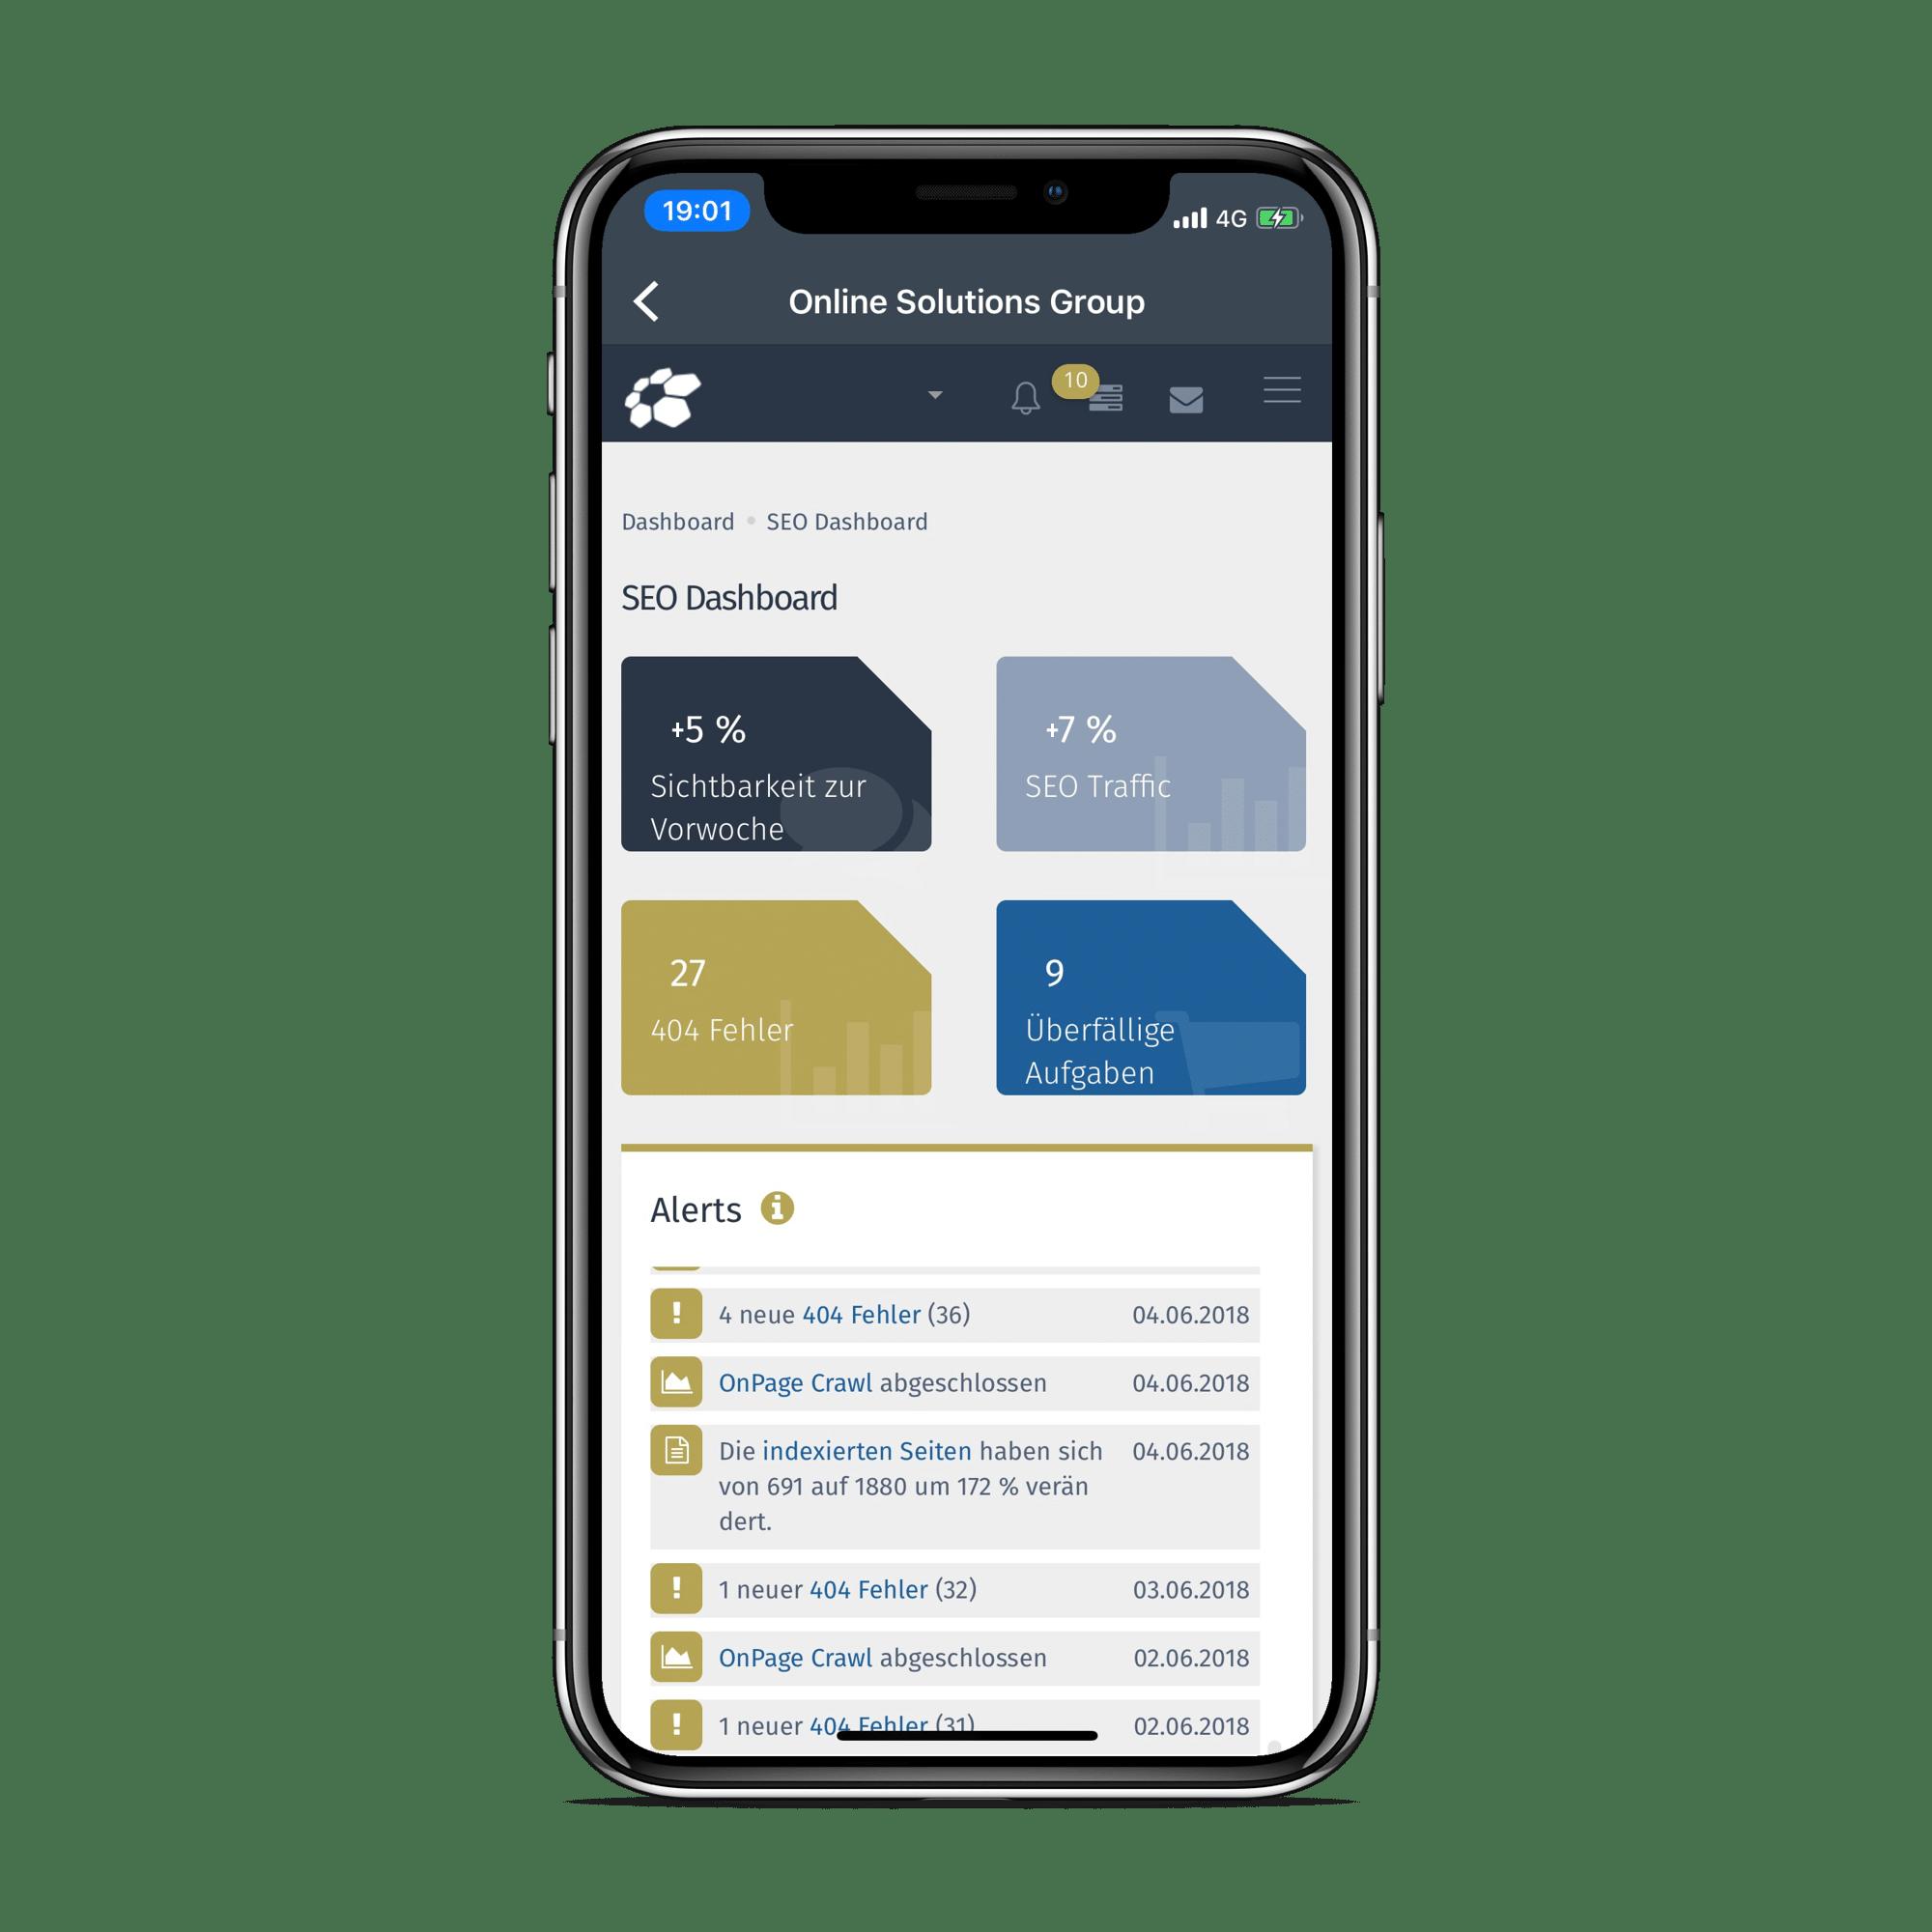 Beispielhaftes SEO-Dashboard im OSG Performance Suite der Online Solutions Group